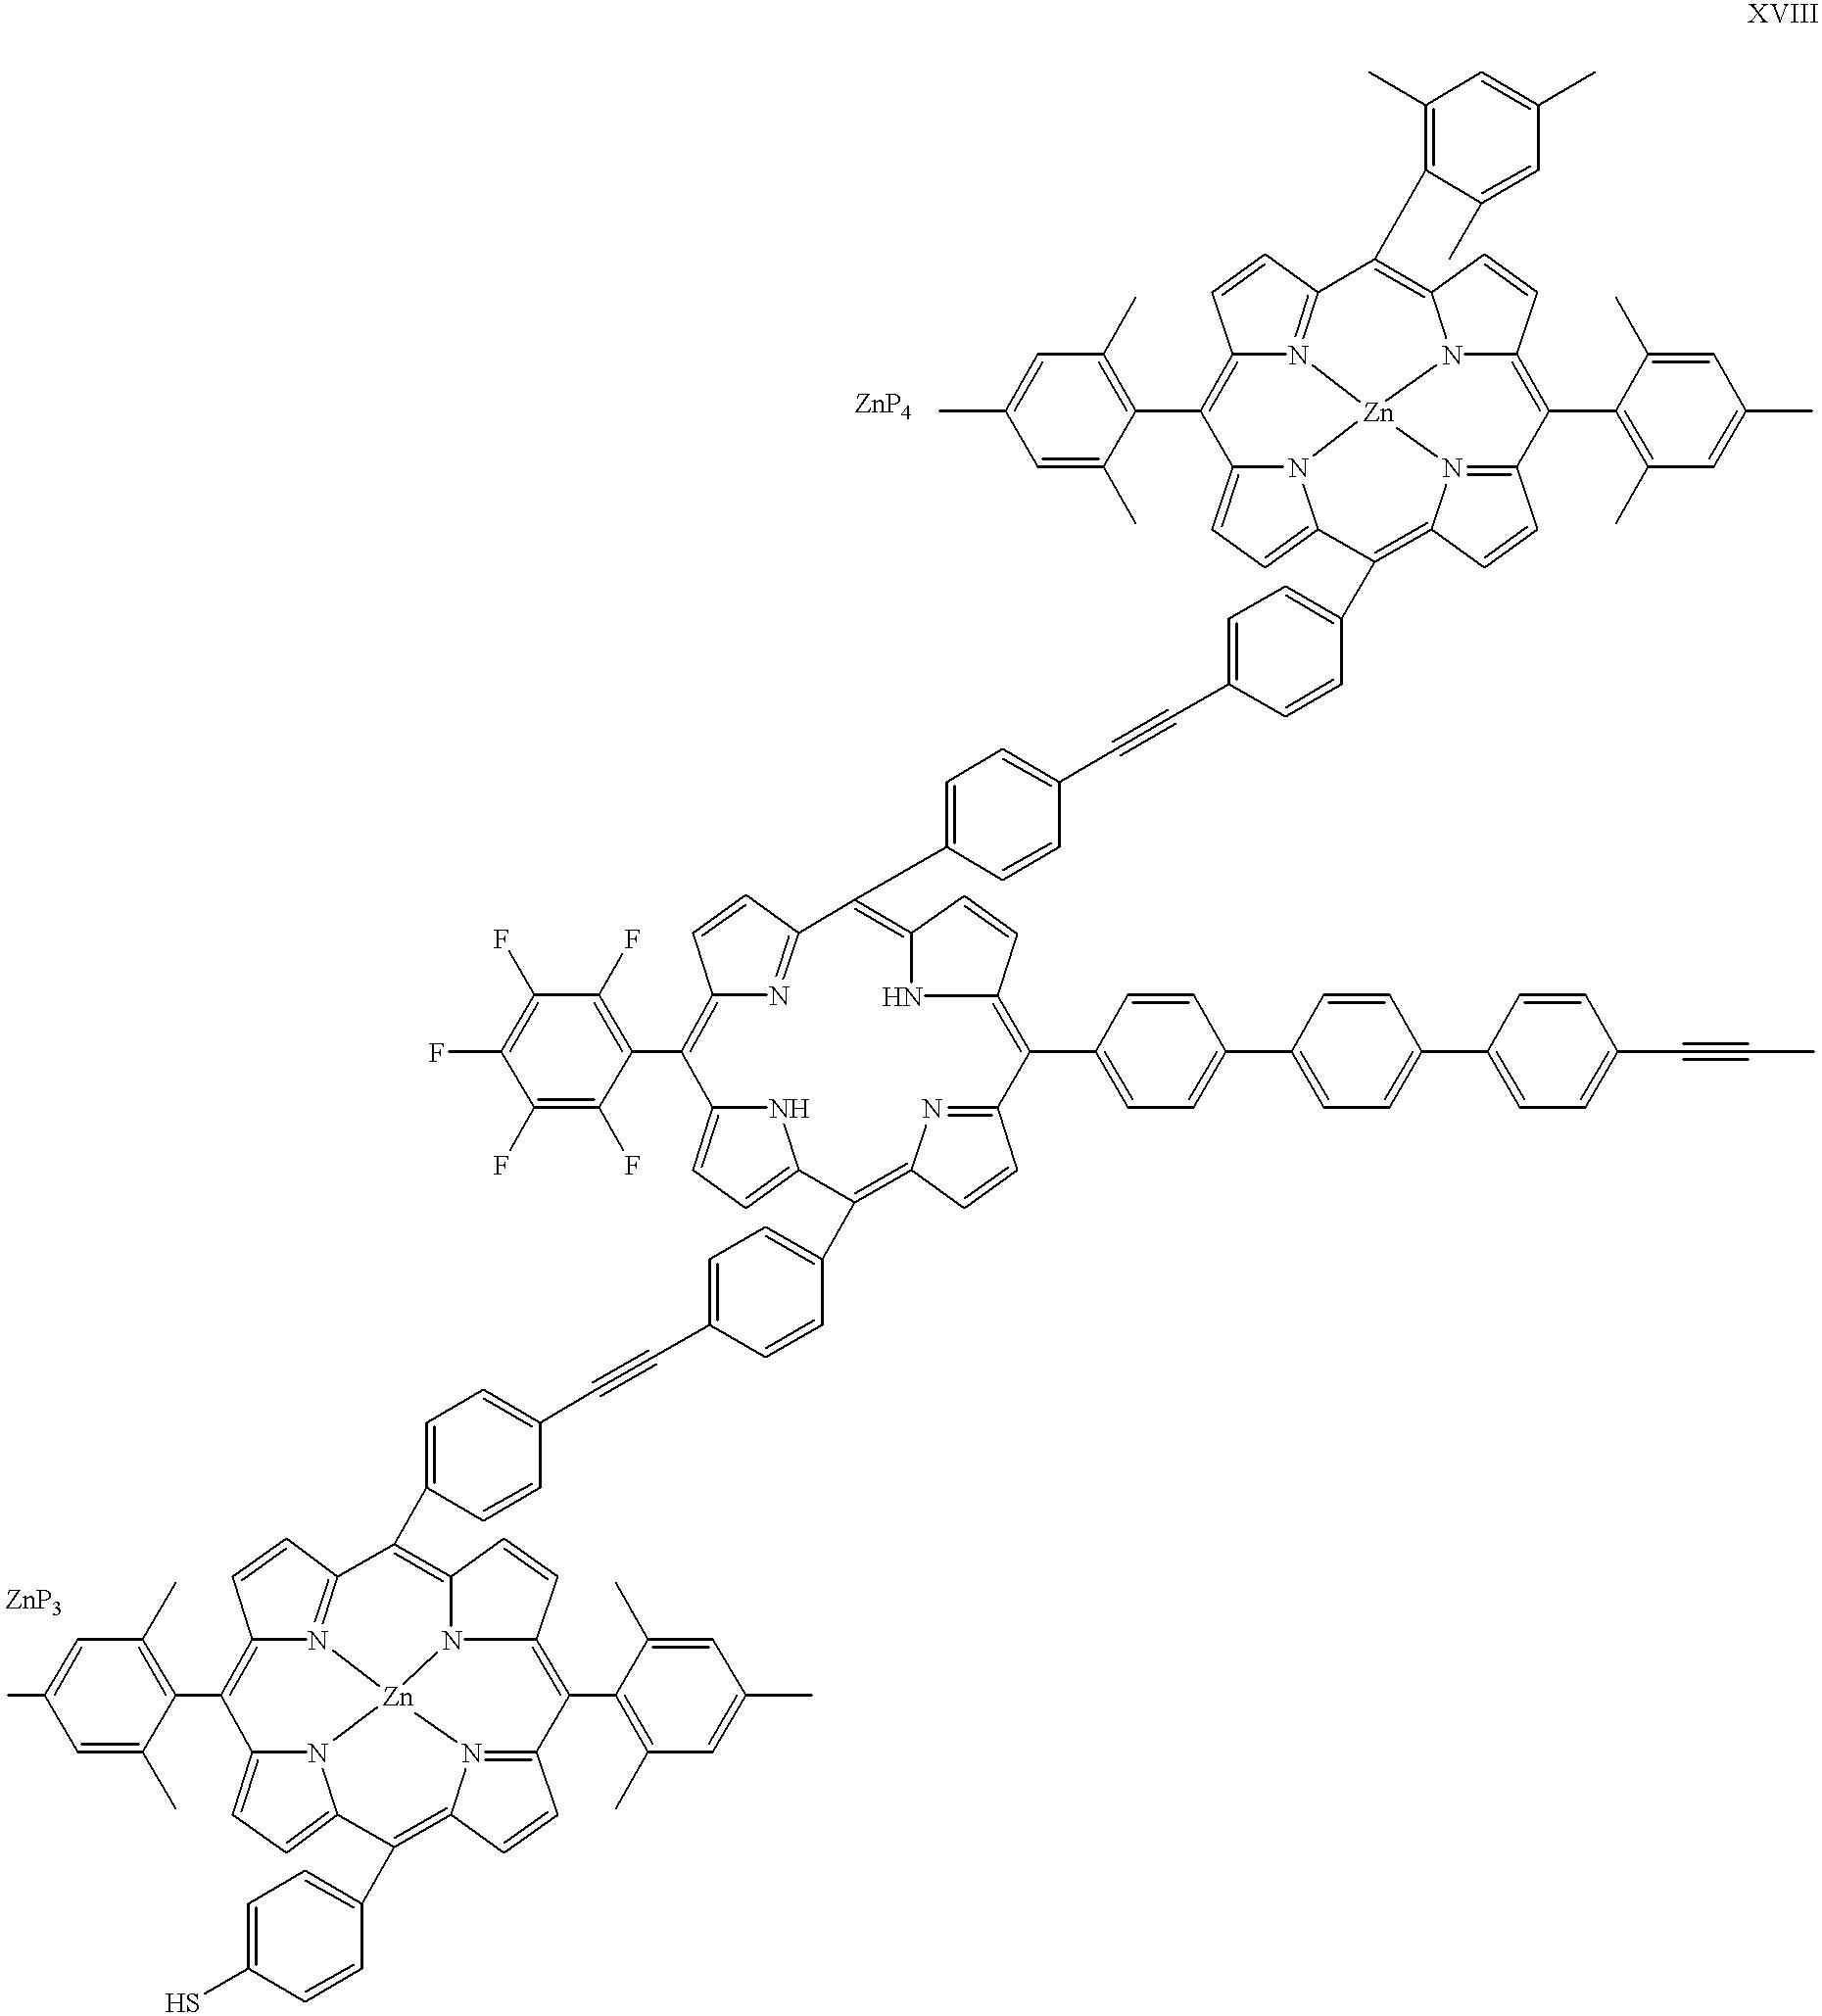 Figure US06381169-20020430-C00017